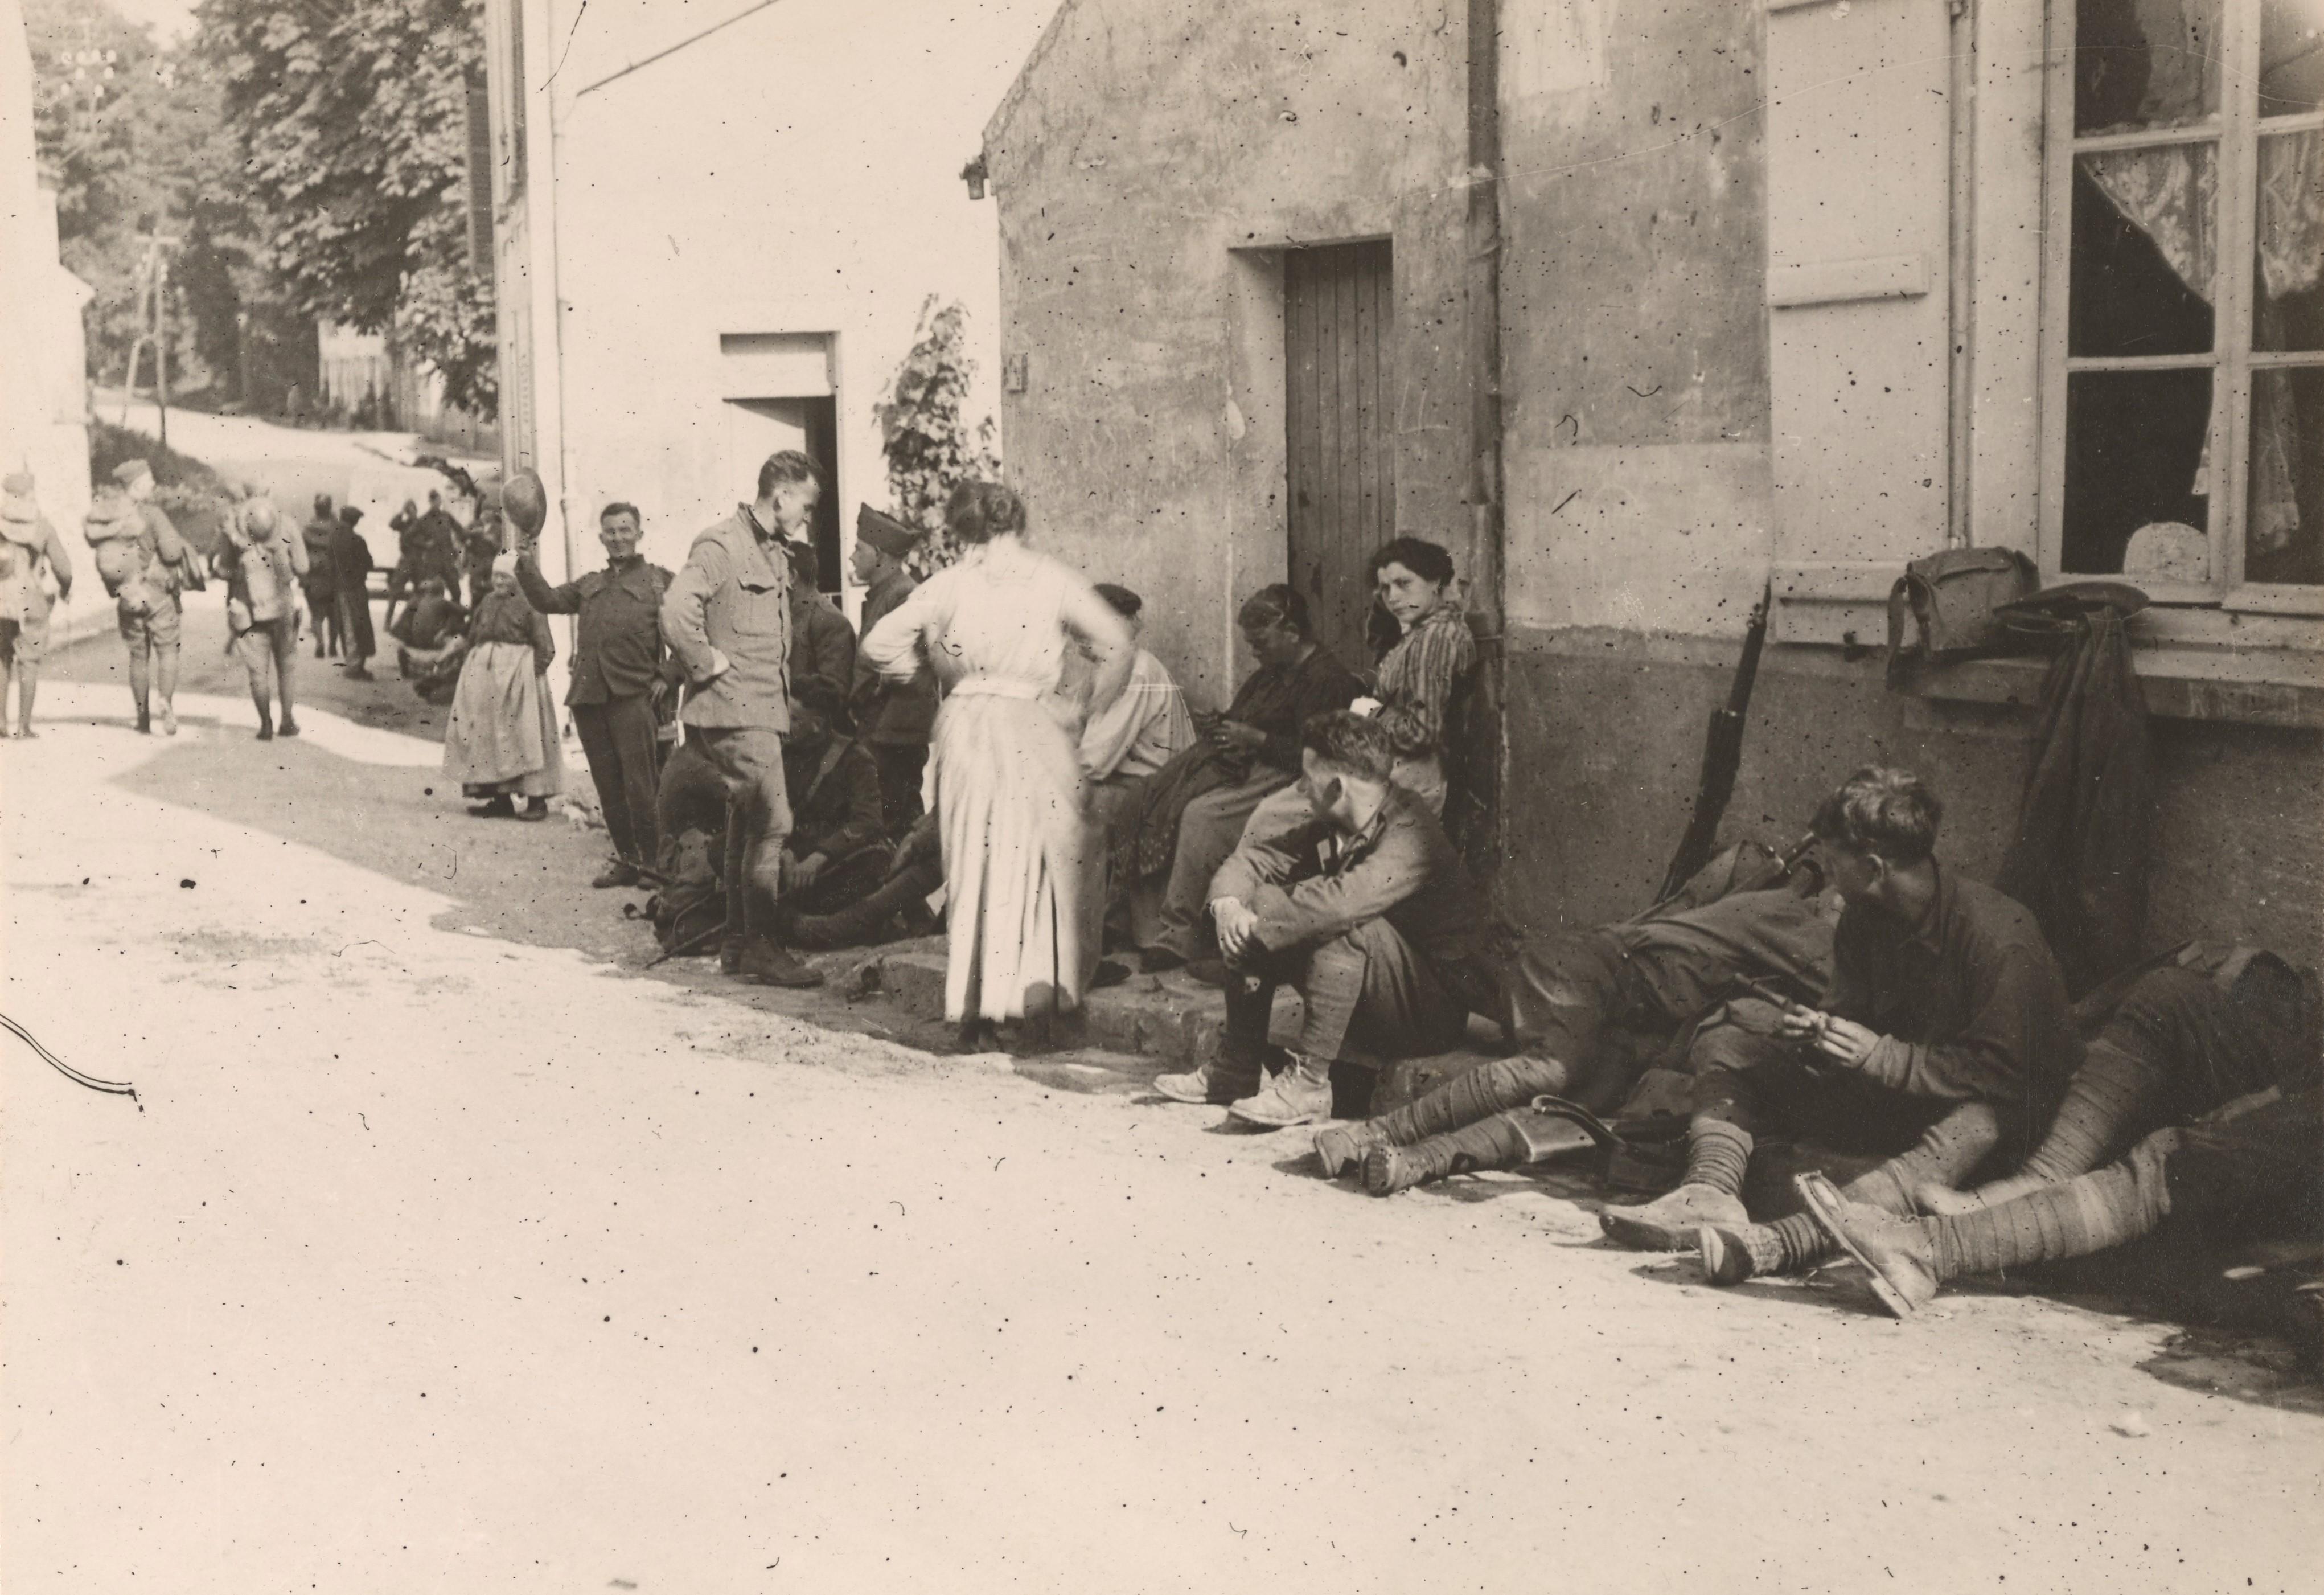 Des soldats américains dans les rues de Chateau Thierry en septembre 1918 NARA 165-WW-558A-001